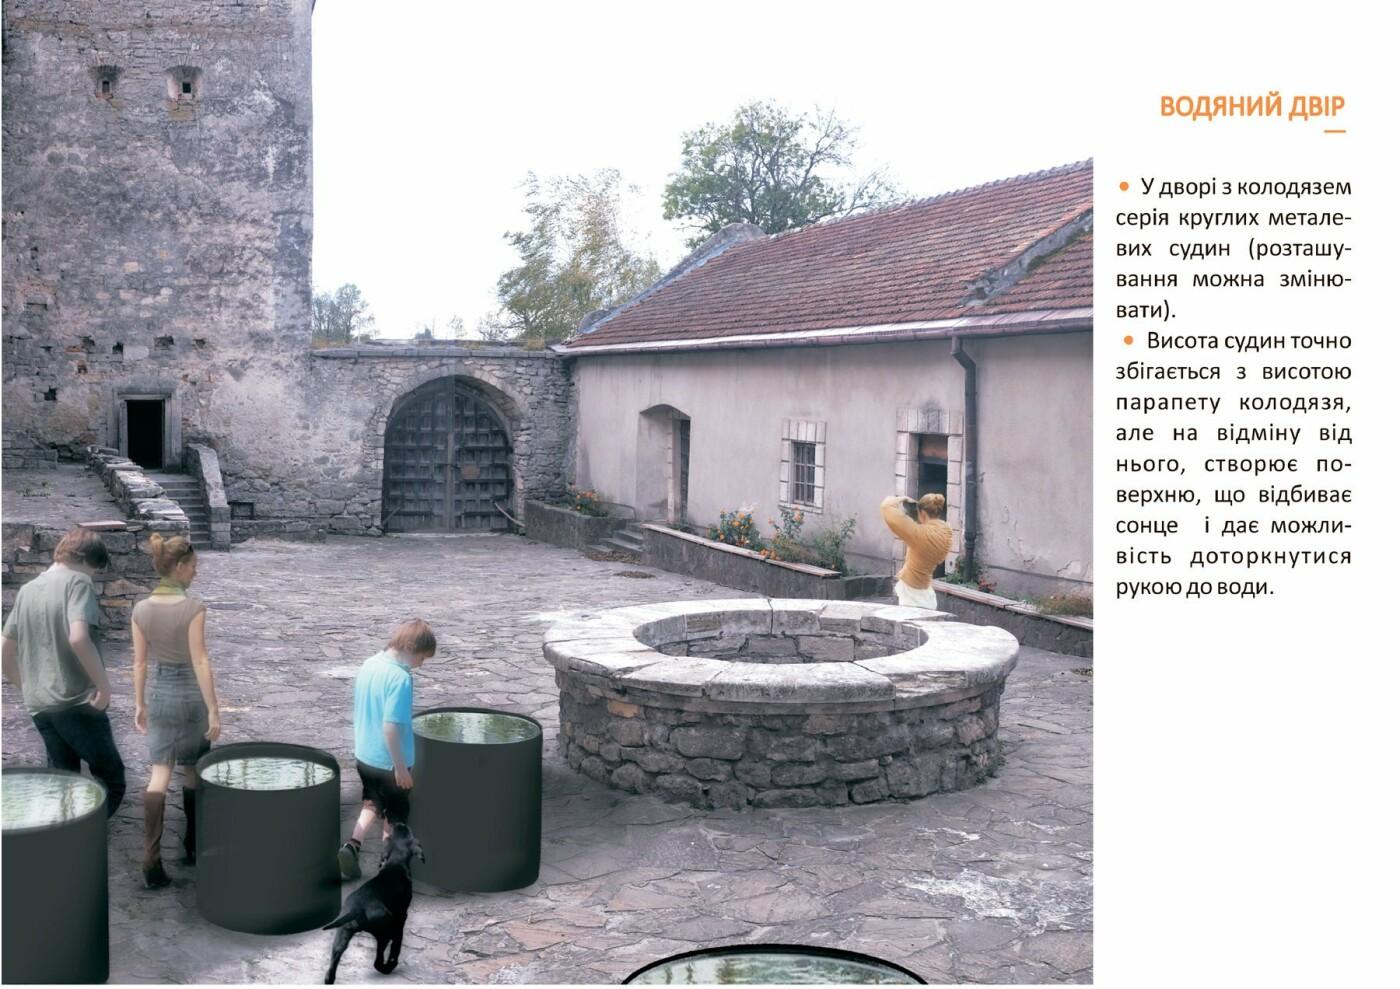 Свірзький замок: як планують ревіталізувати 500-річну пам'ятку, фото-2